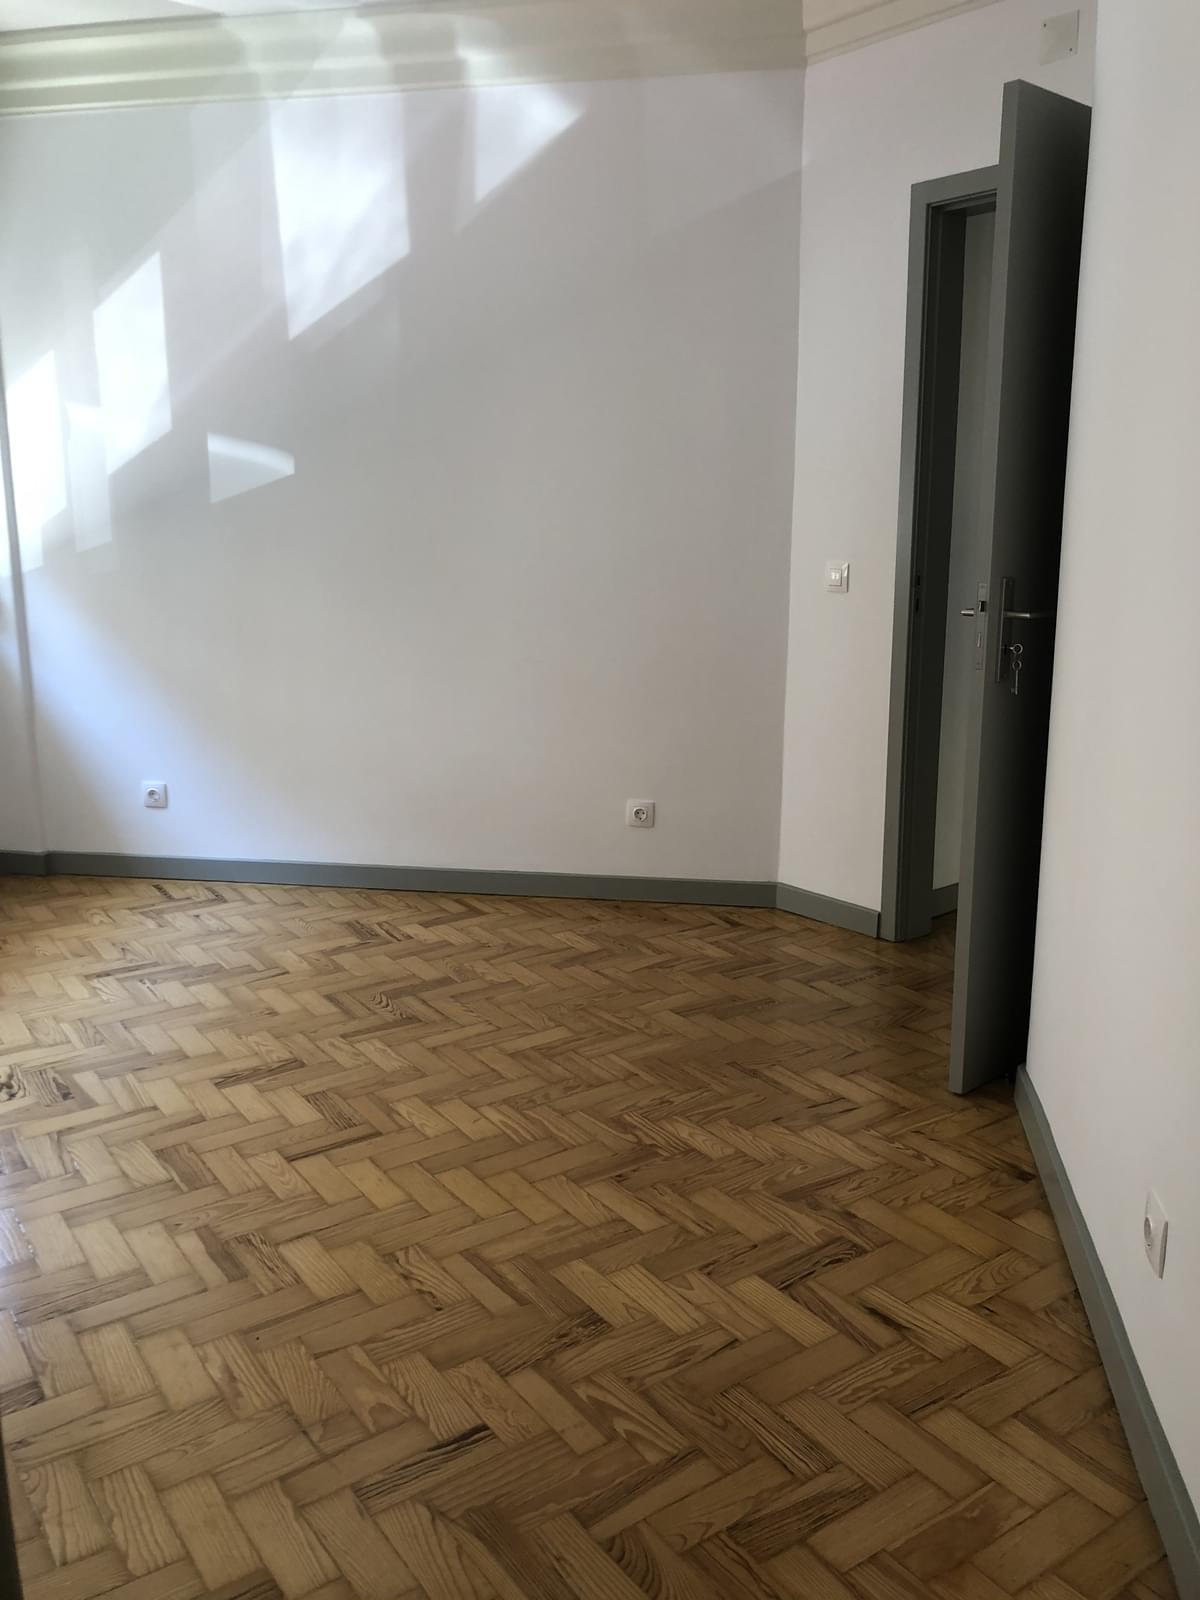 pf17234-apartamento-t3-lisboa-33be367c-d1f8-4a21-9170-6c496b565c46